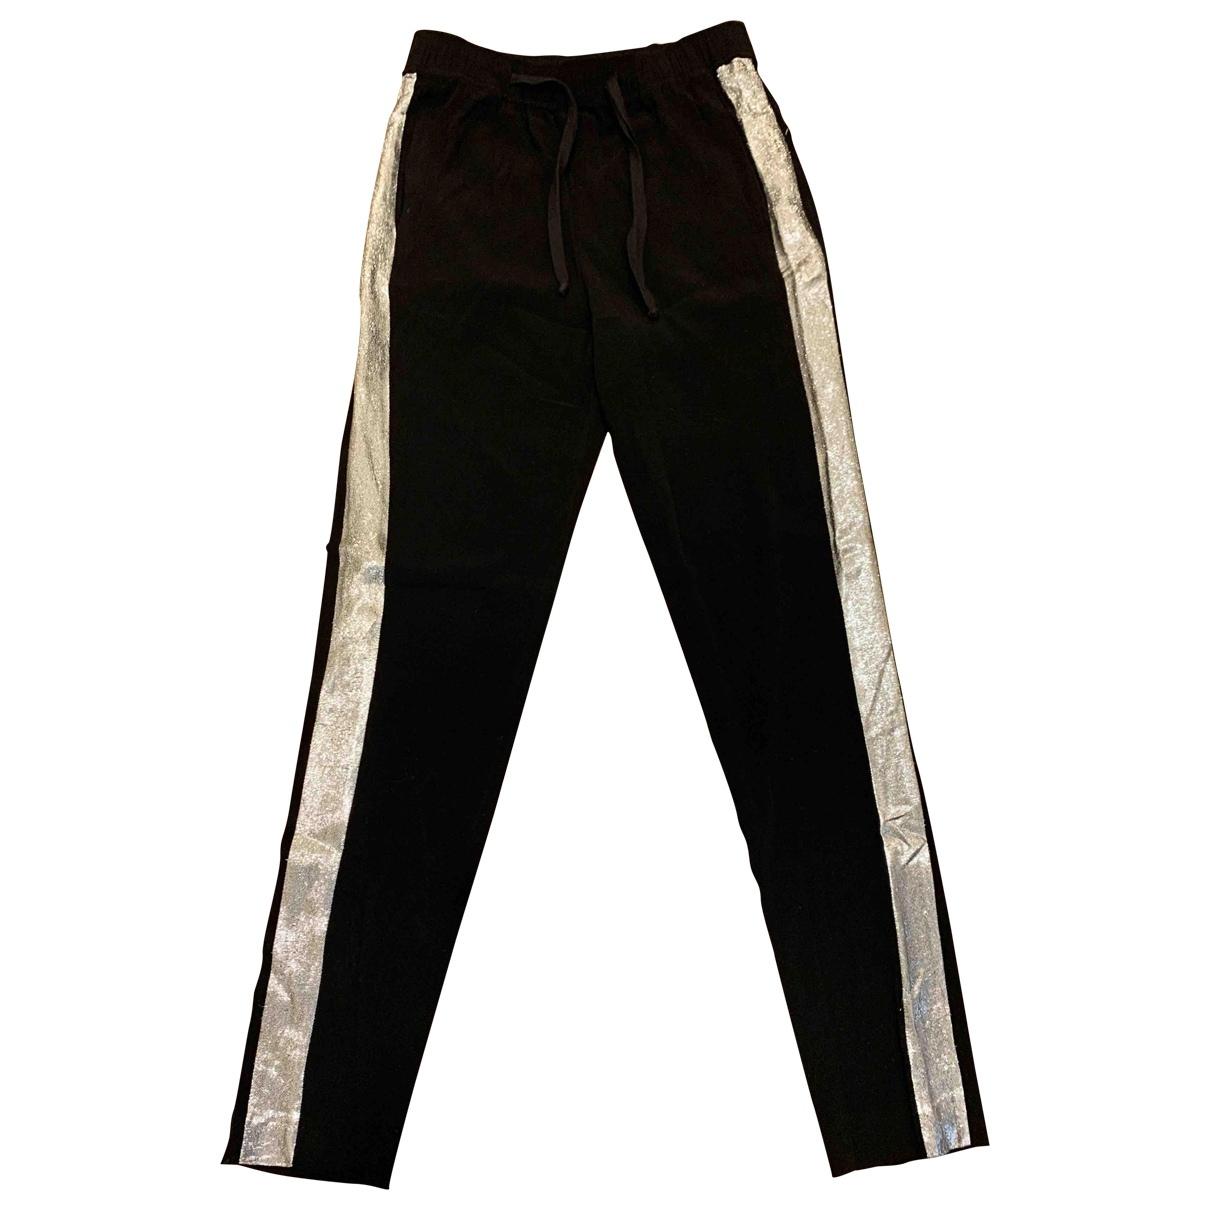 Sandro \N Black Trousers for Women 1 0-5